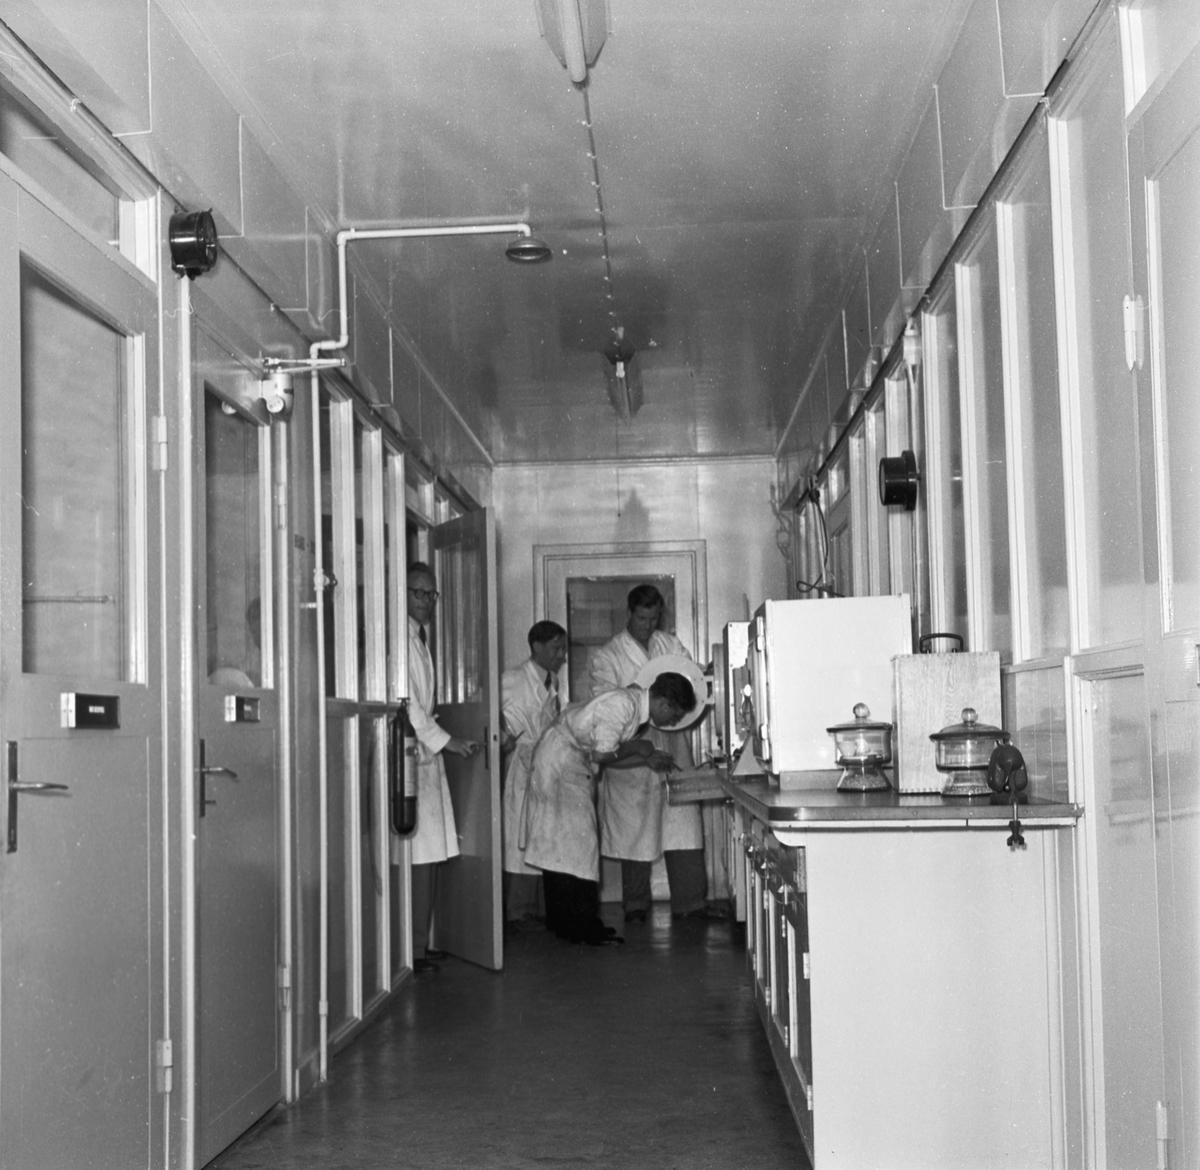 Övrigt: Foto datum: 1/9 1959 Verkstäder och personal. Lab personal